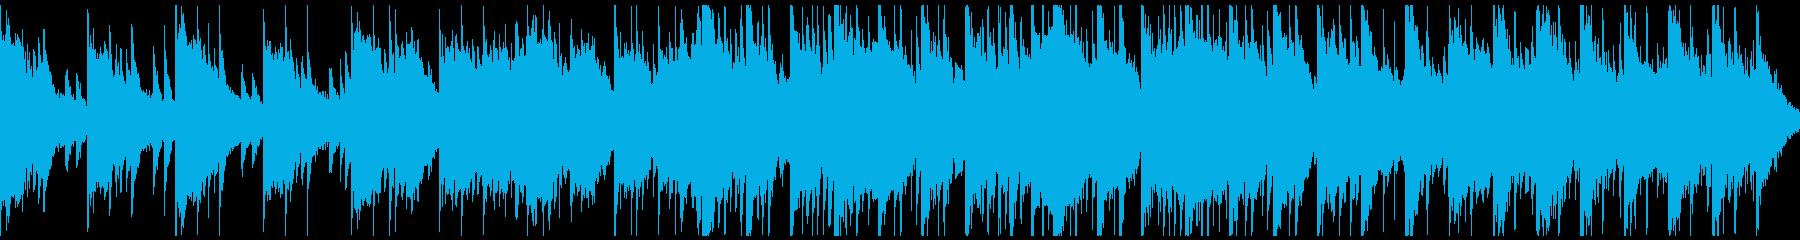 透明感・美/和風/ゲーム系BGM/M3の再生済みの波形